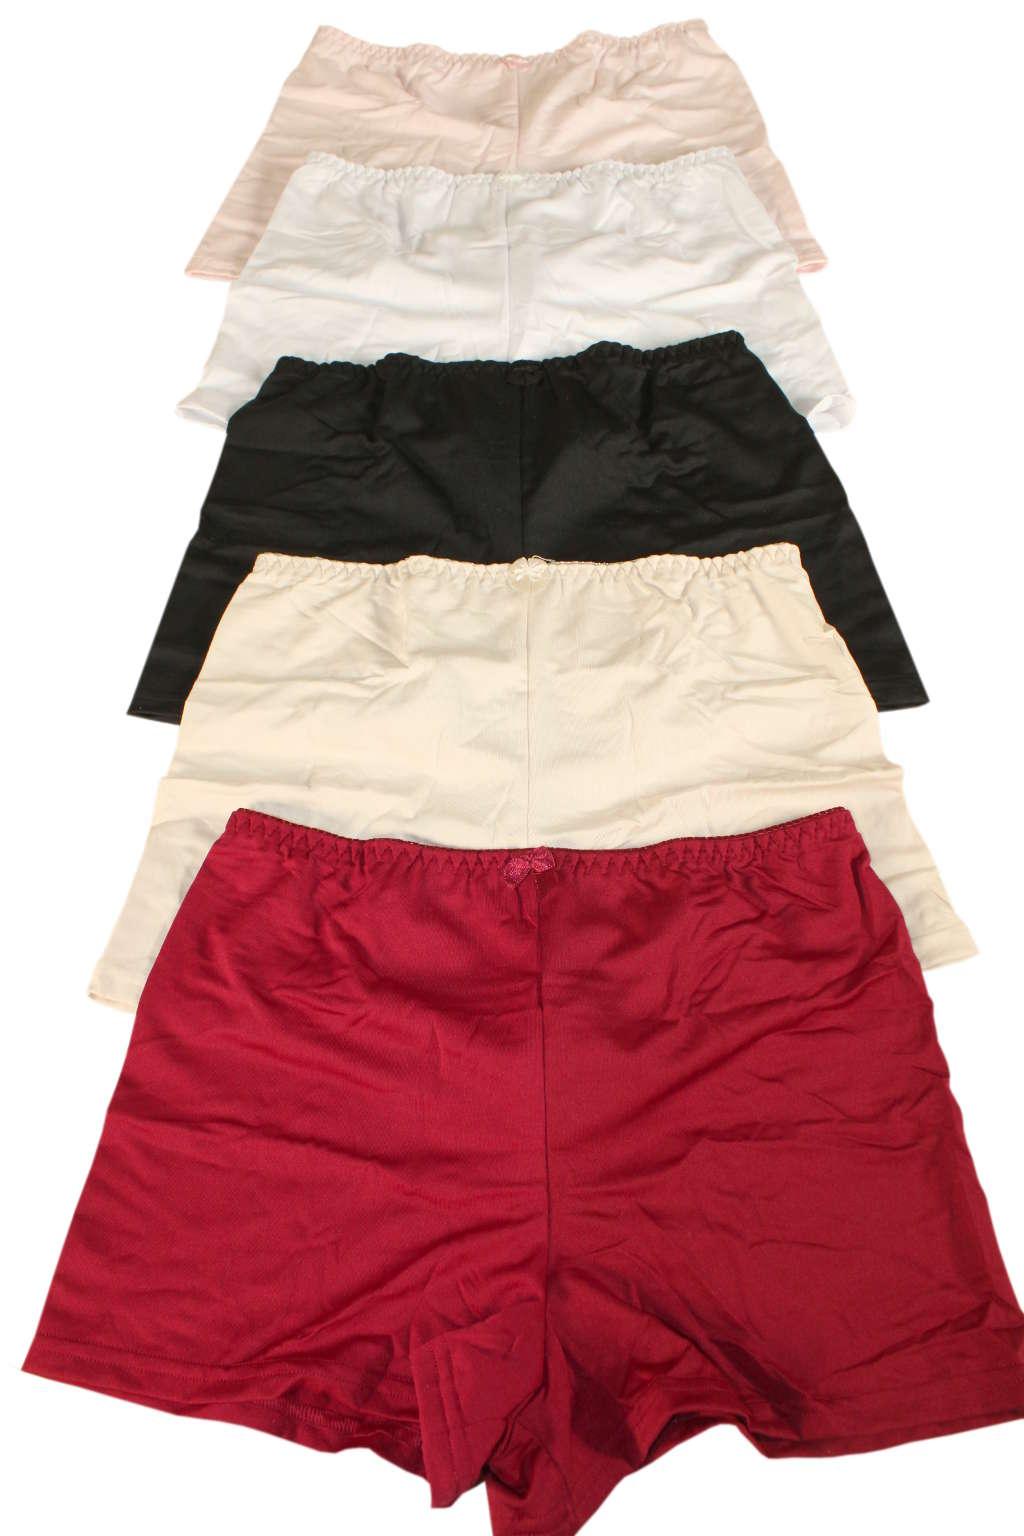 Stripes spodní kalhotky dámské - 3bal L MIX